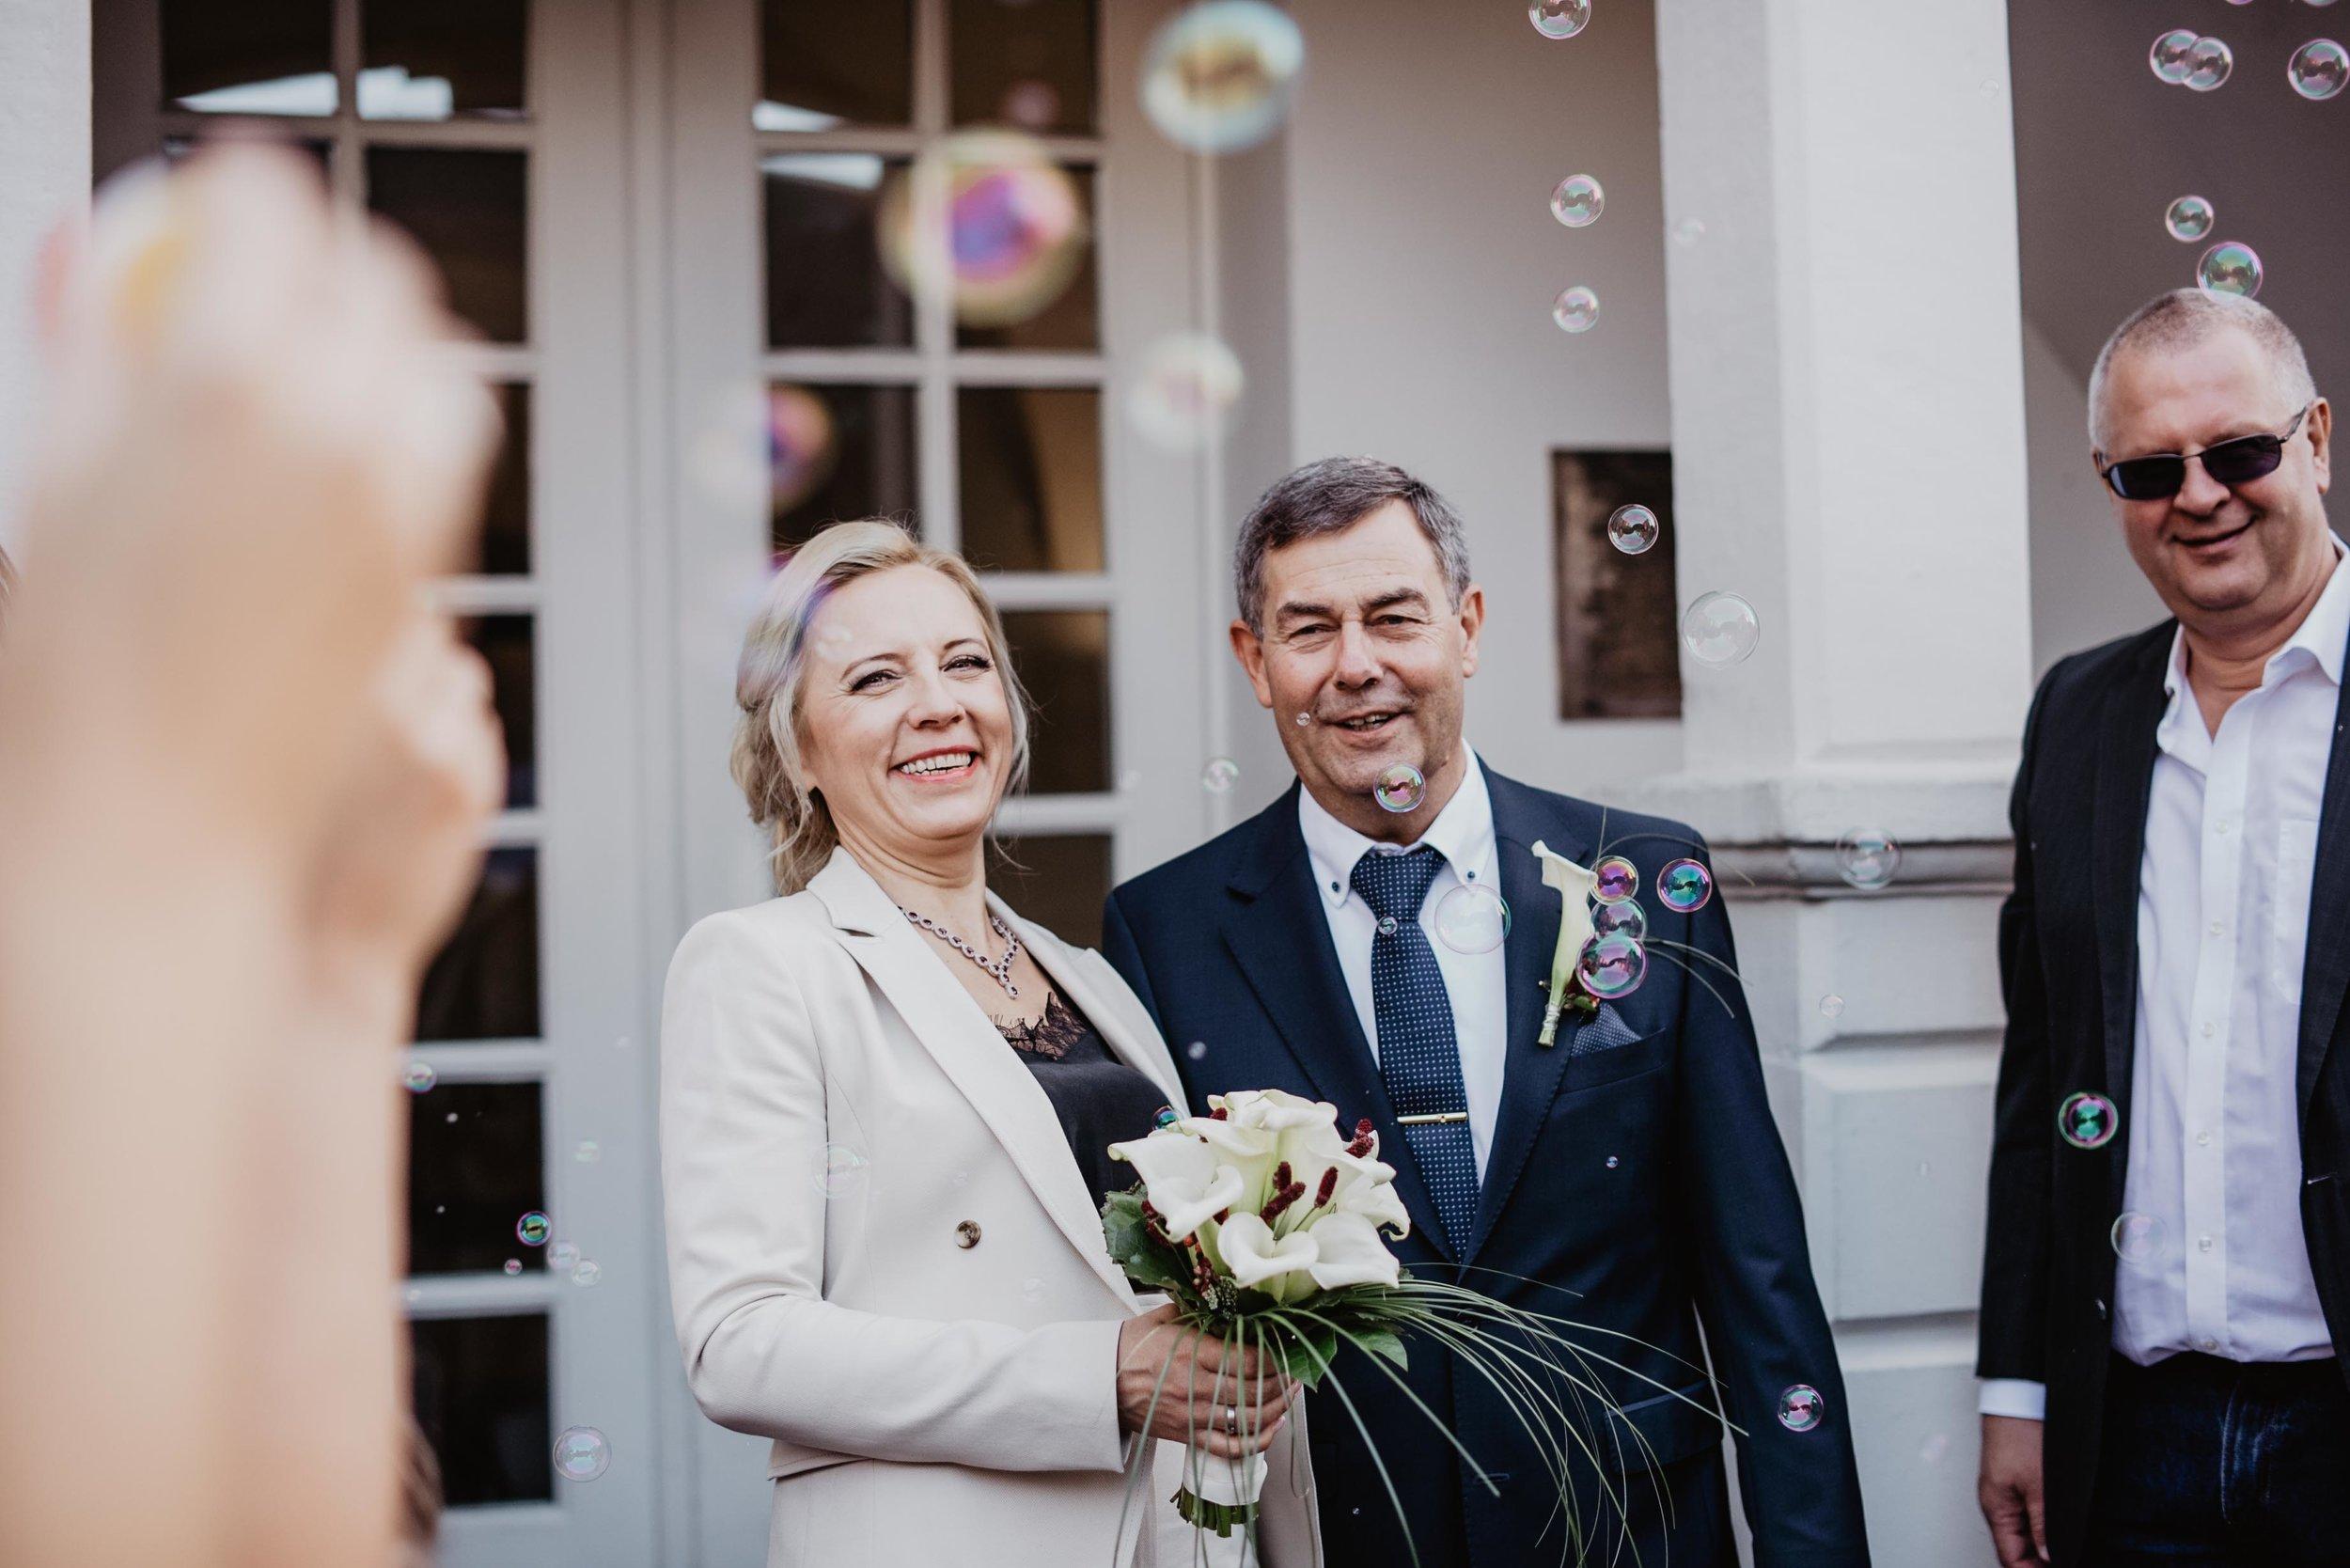 Hochzeit Standesamt Bonn by Lucy Wedding Photography-114.jpg